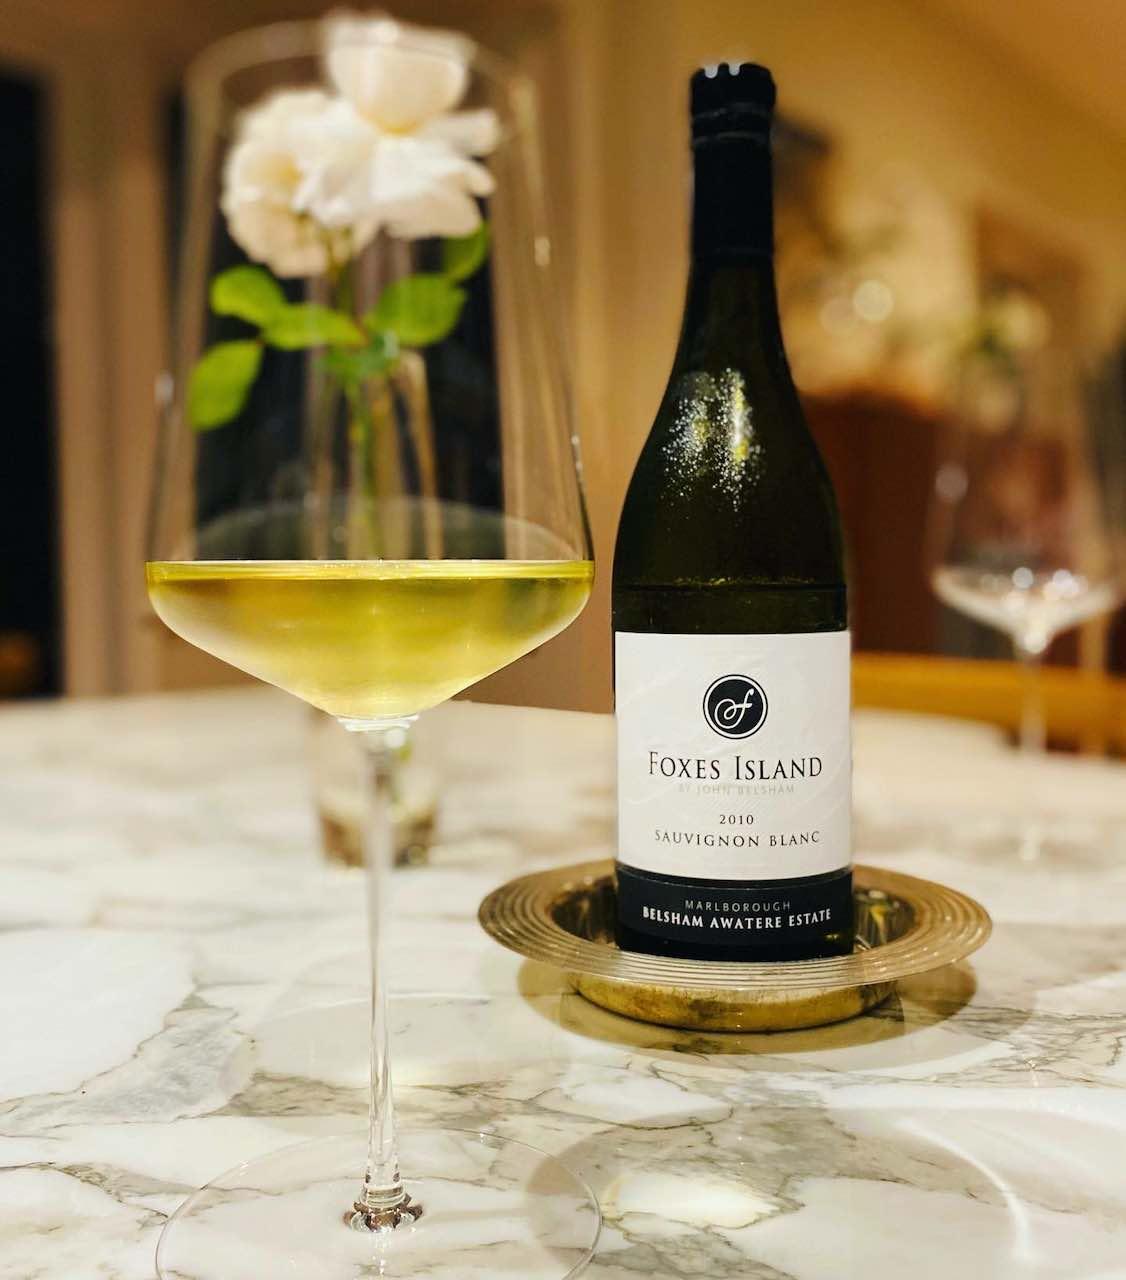 Foxes Island Sauvignon Blanc and Zalto wine glass